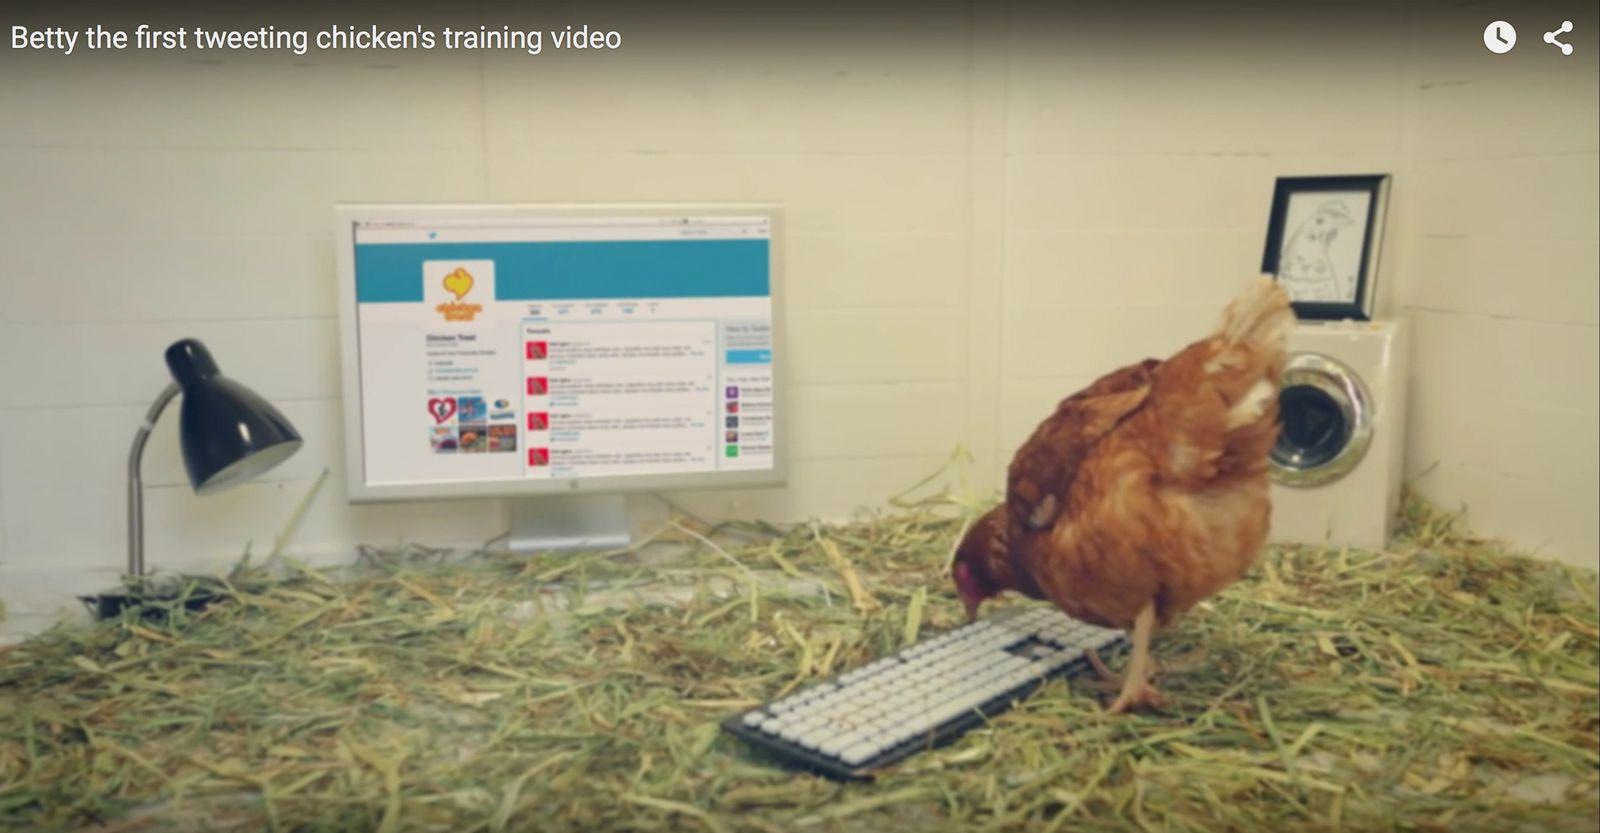 NUR ALS ZITAT Screenshot Twitter Huhn/ Chicken